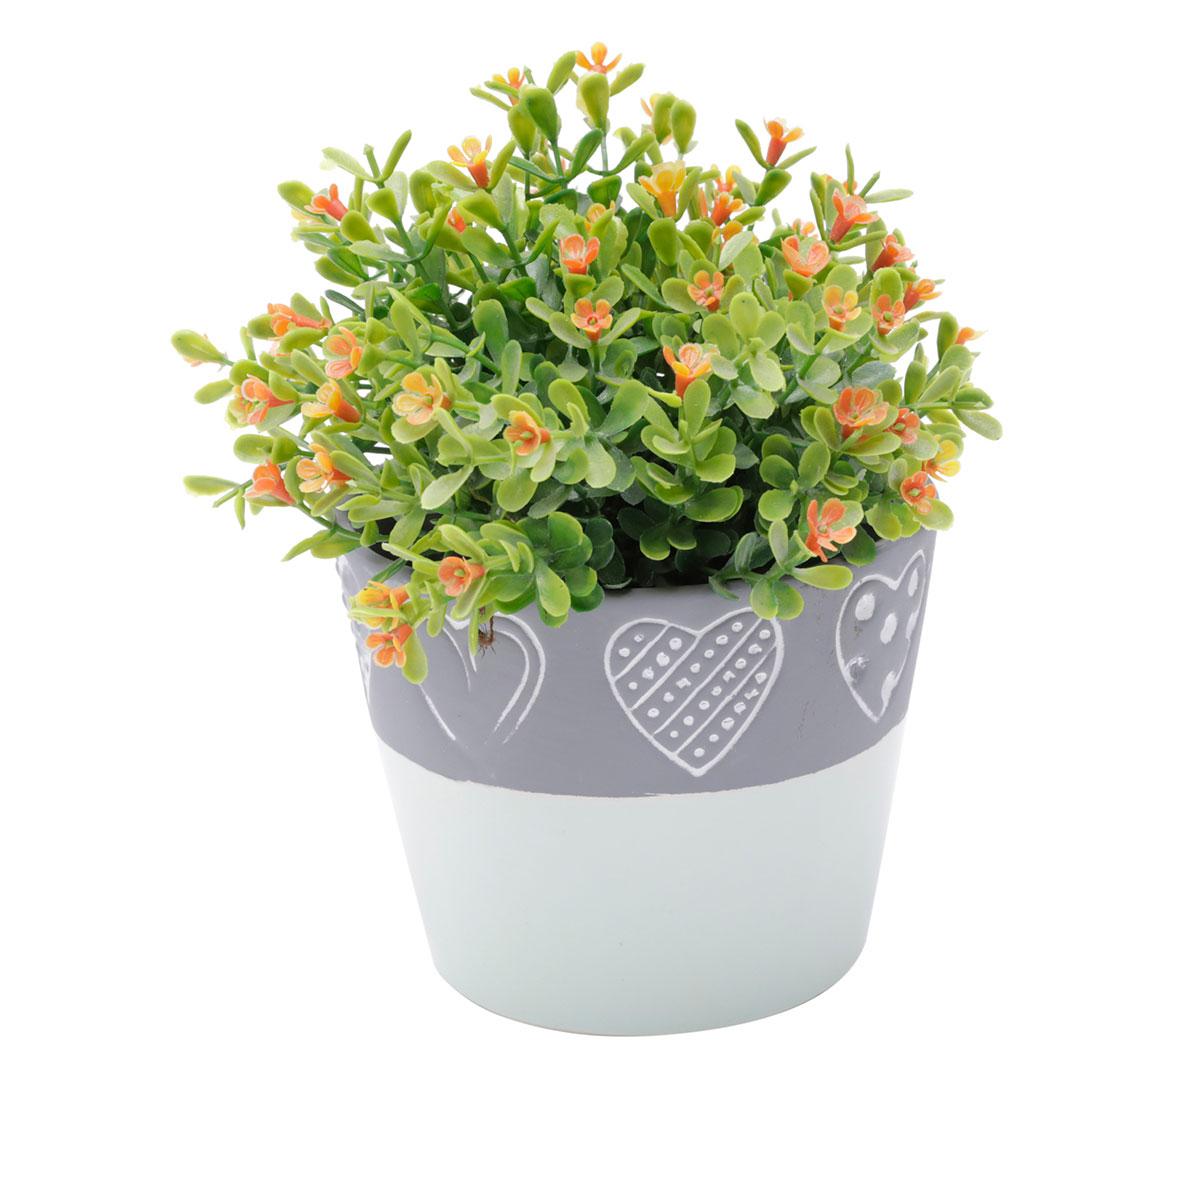 Vaso Concreto Decorativo Coração Verde e Cinza Médio - Presente Super